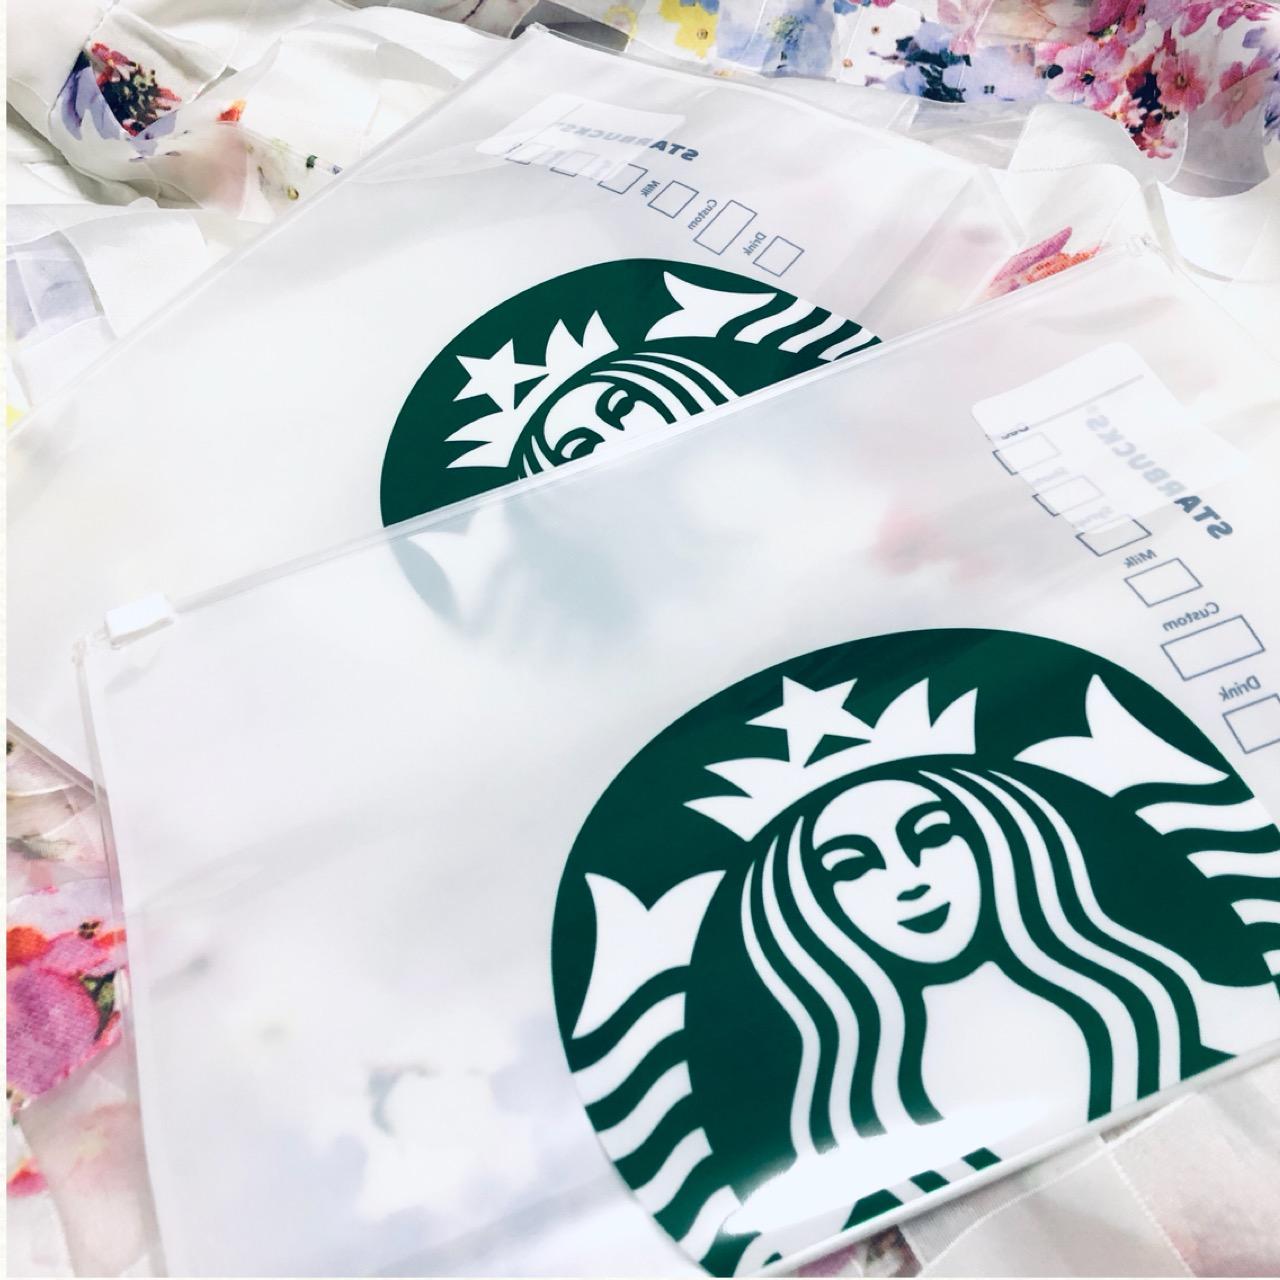 <スタバ>売り切れ前にゲットせよ!オシャレで大人気のコーヒーフィルタージッパーバッグ♡_1